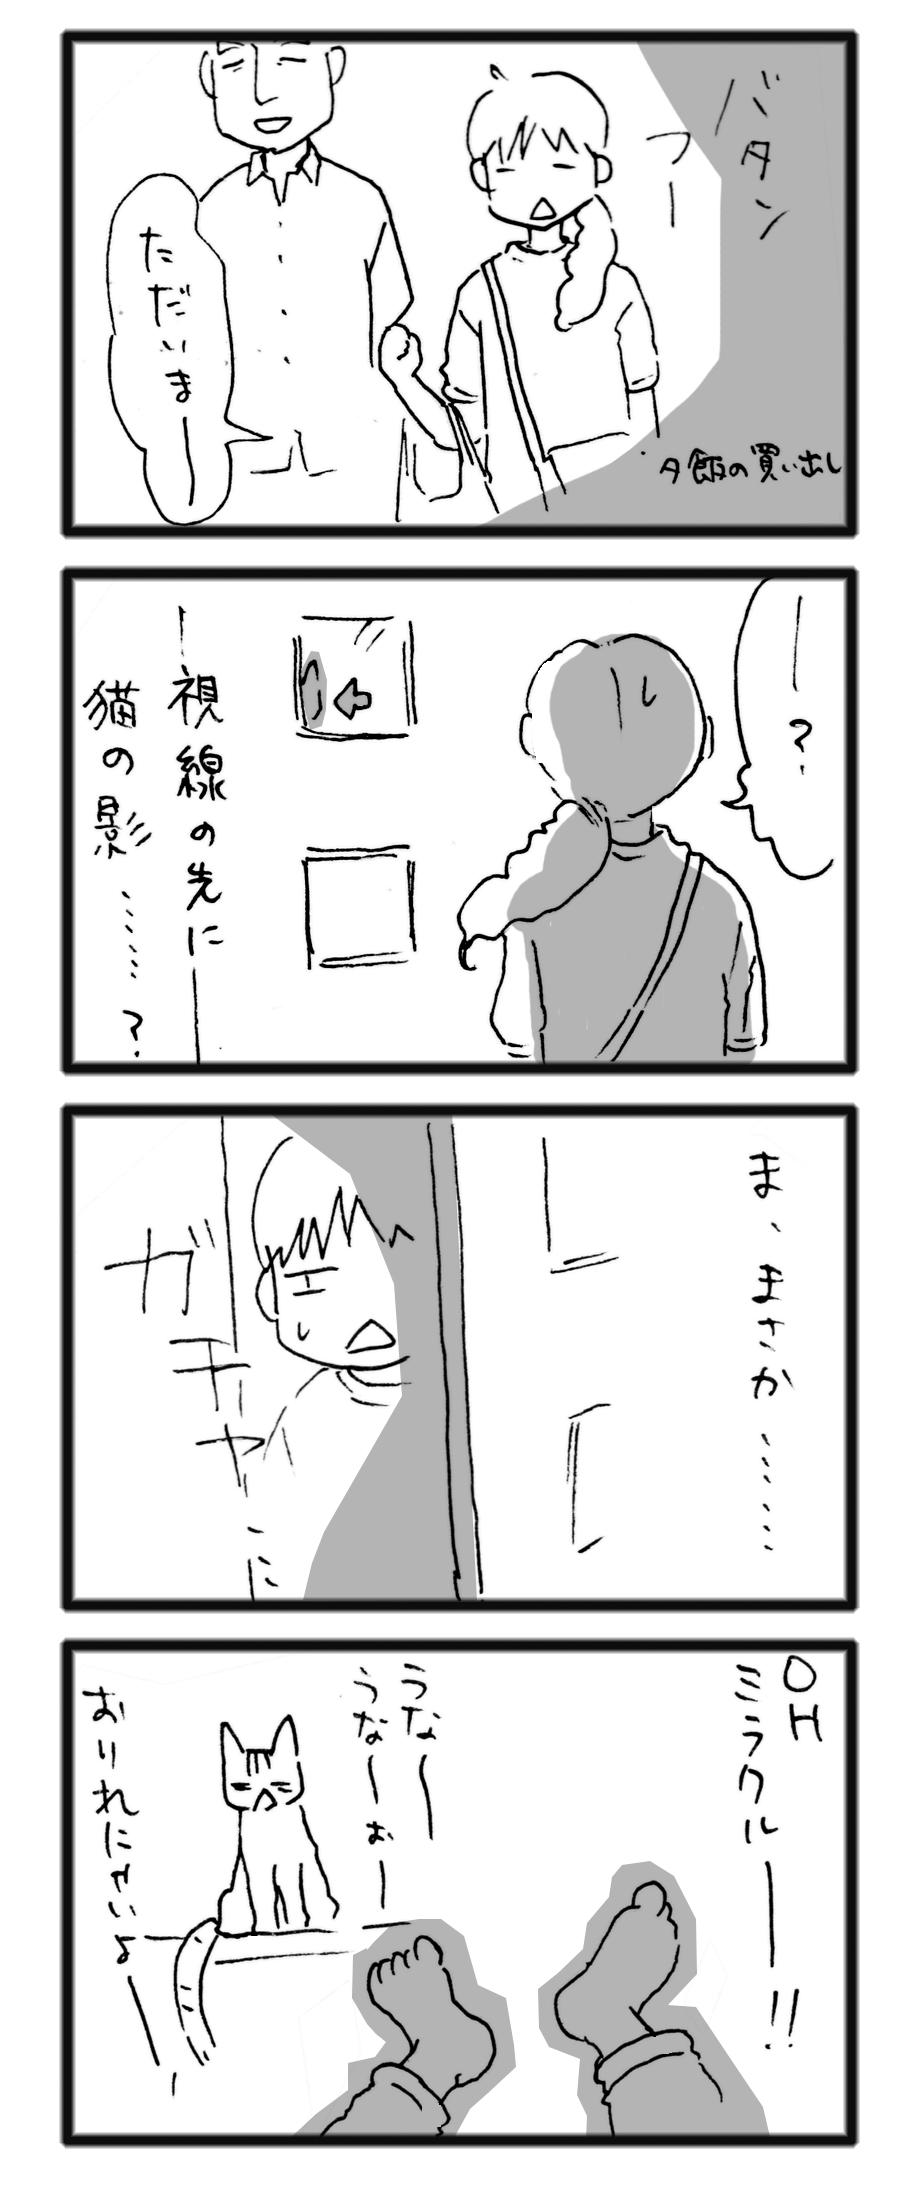 comic_13122005.jpg